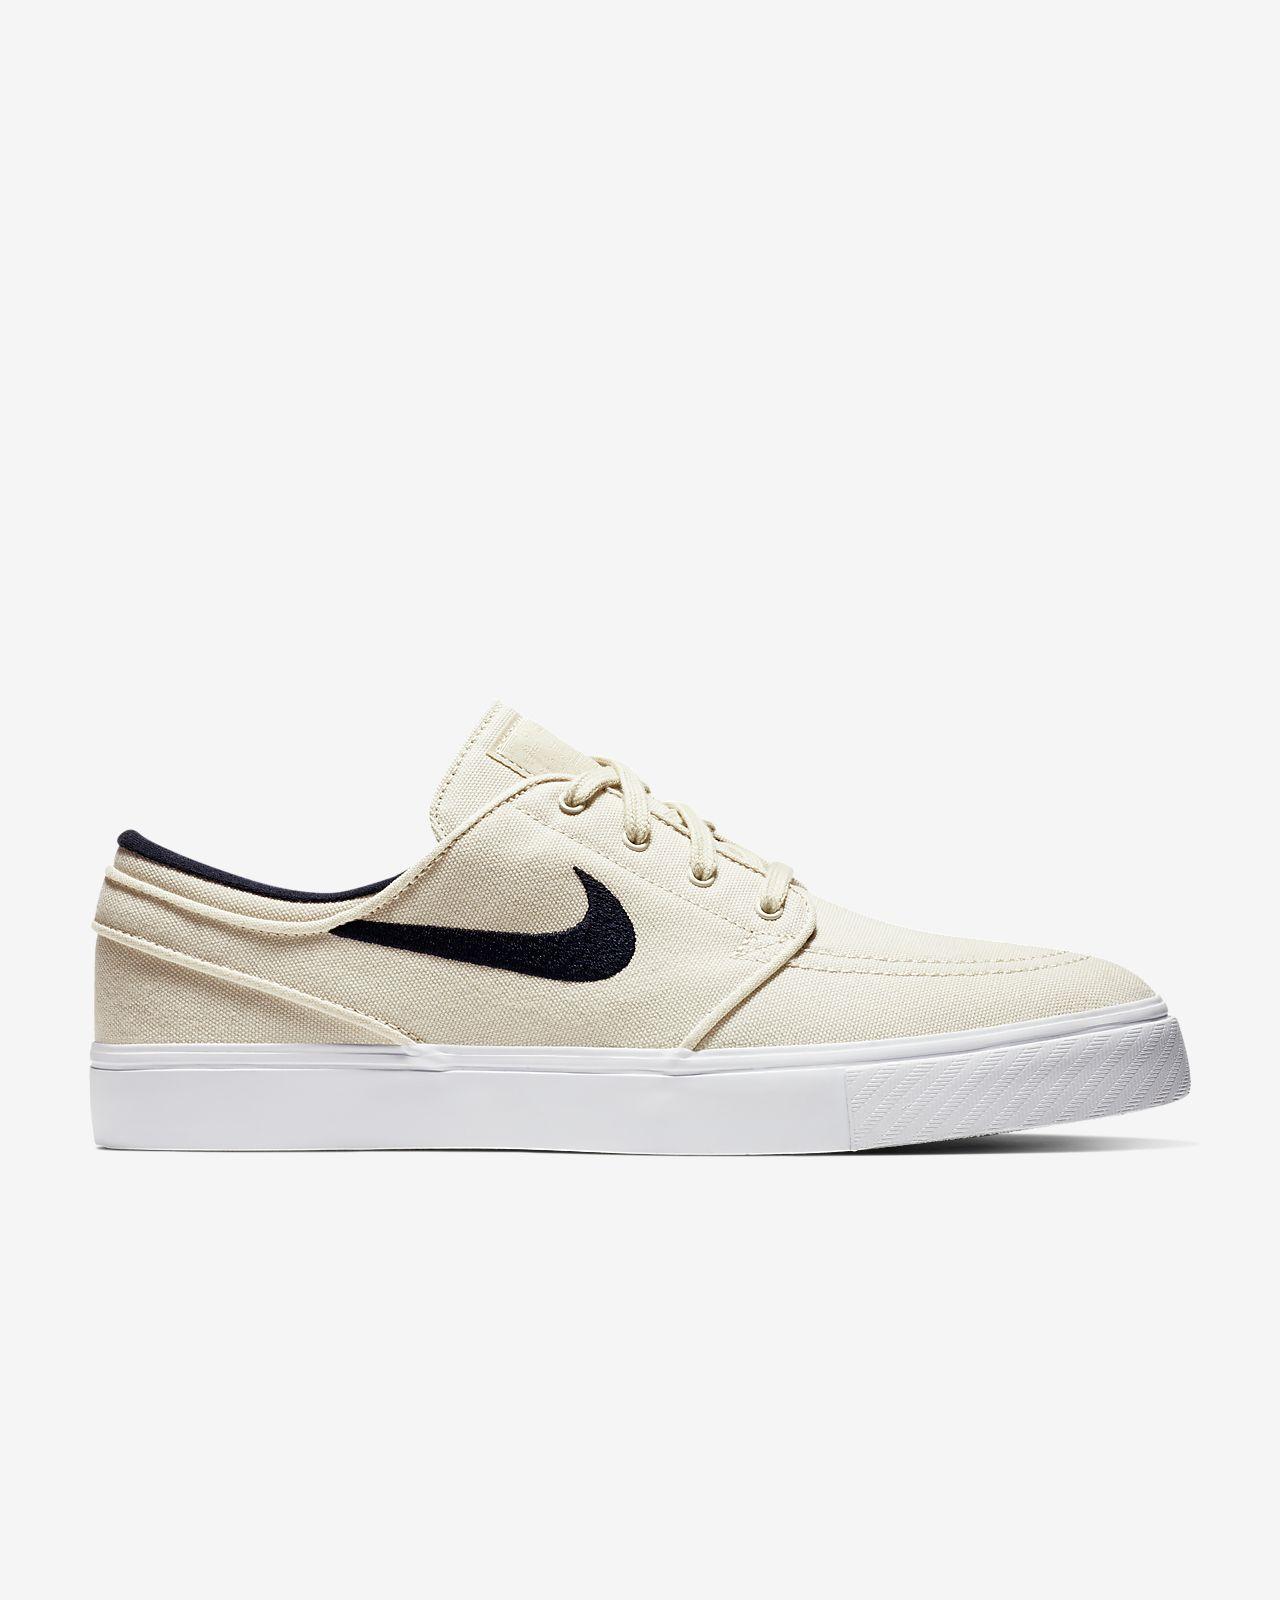 best website b9fe2 87f58 ... Chaussure de skateboard Nike SB Zoom Stefan Janoski Canvas pour Homme